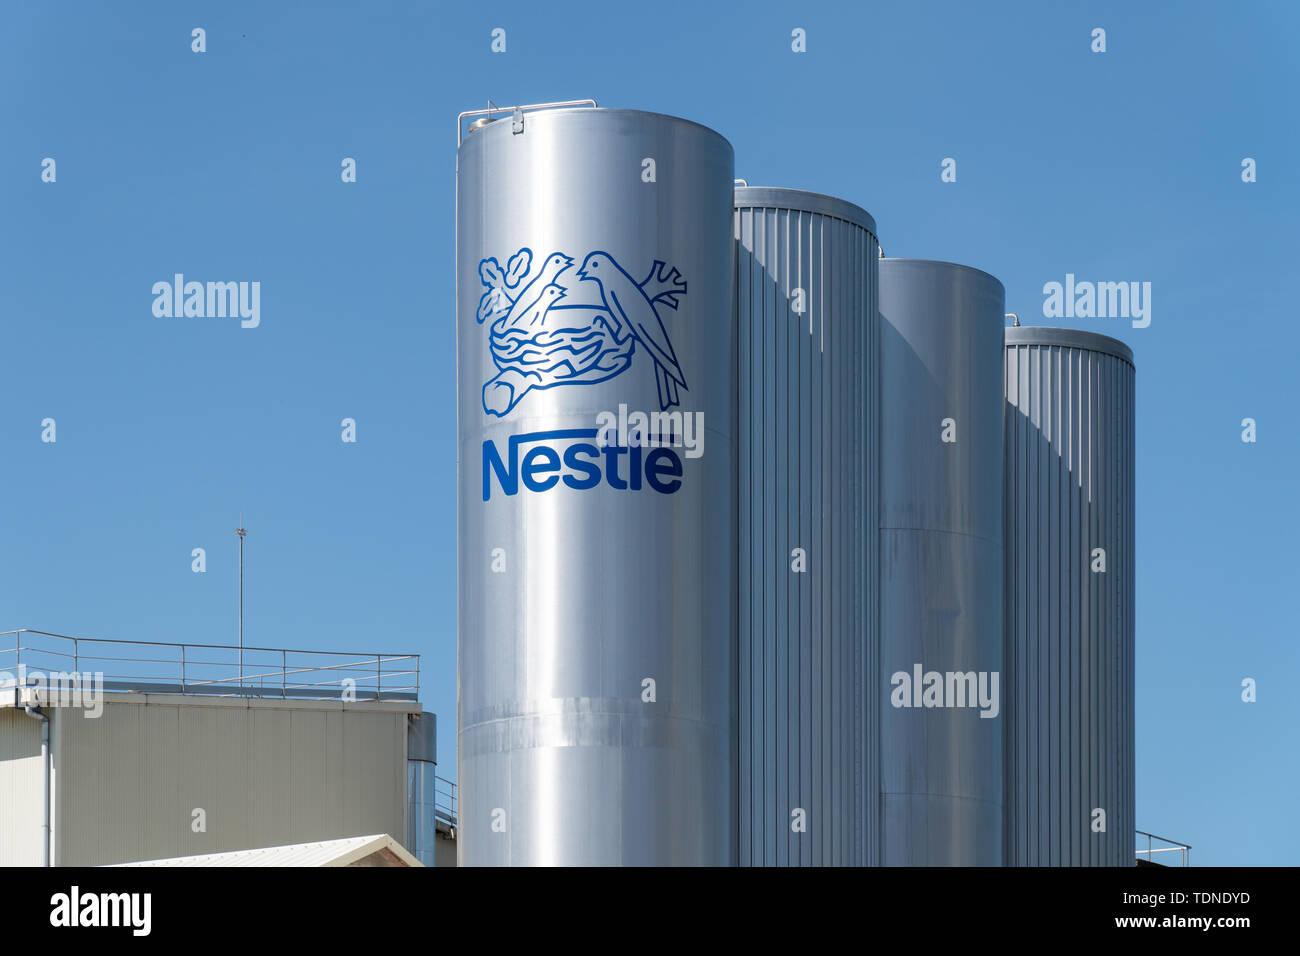 Nestle Logo Stock Photos & Nestle Logo Stock Images - Alamy